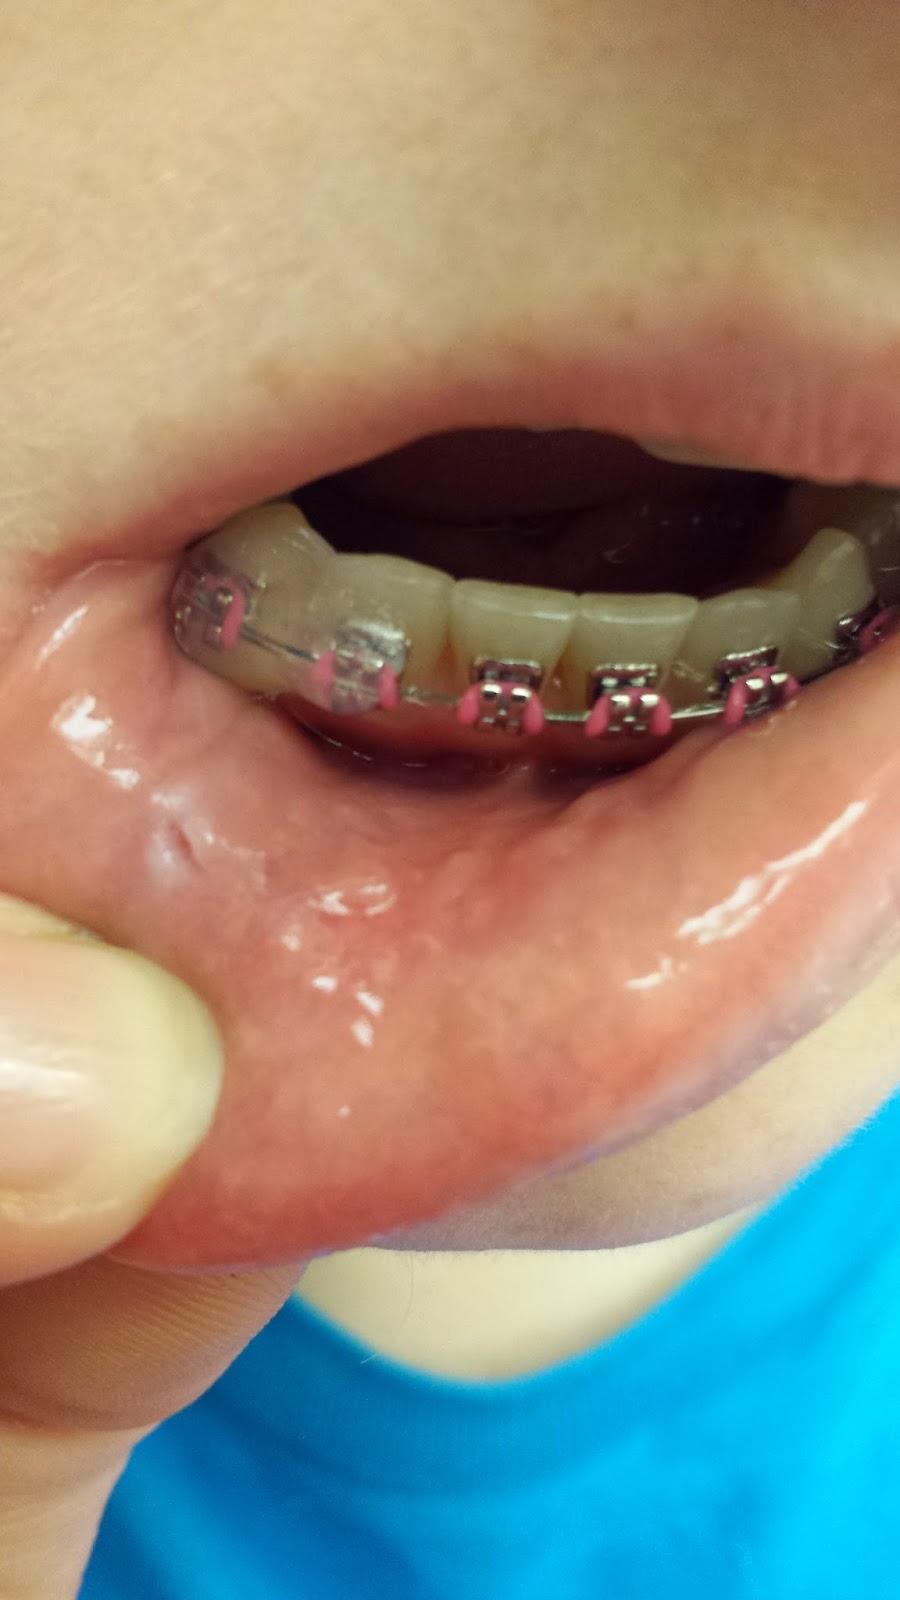 Stouffville Orthodontist Does My Braces: I'm a Dental ...